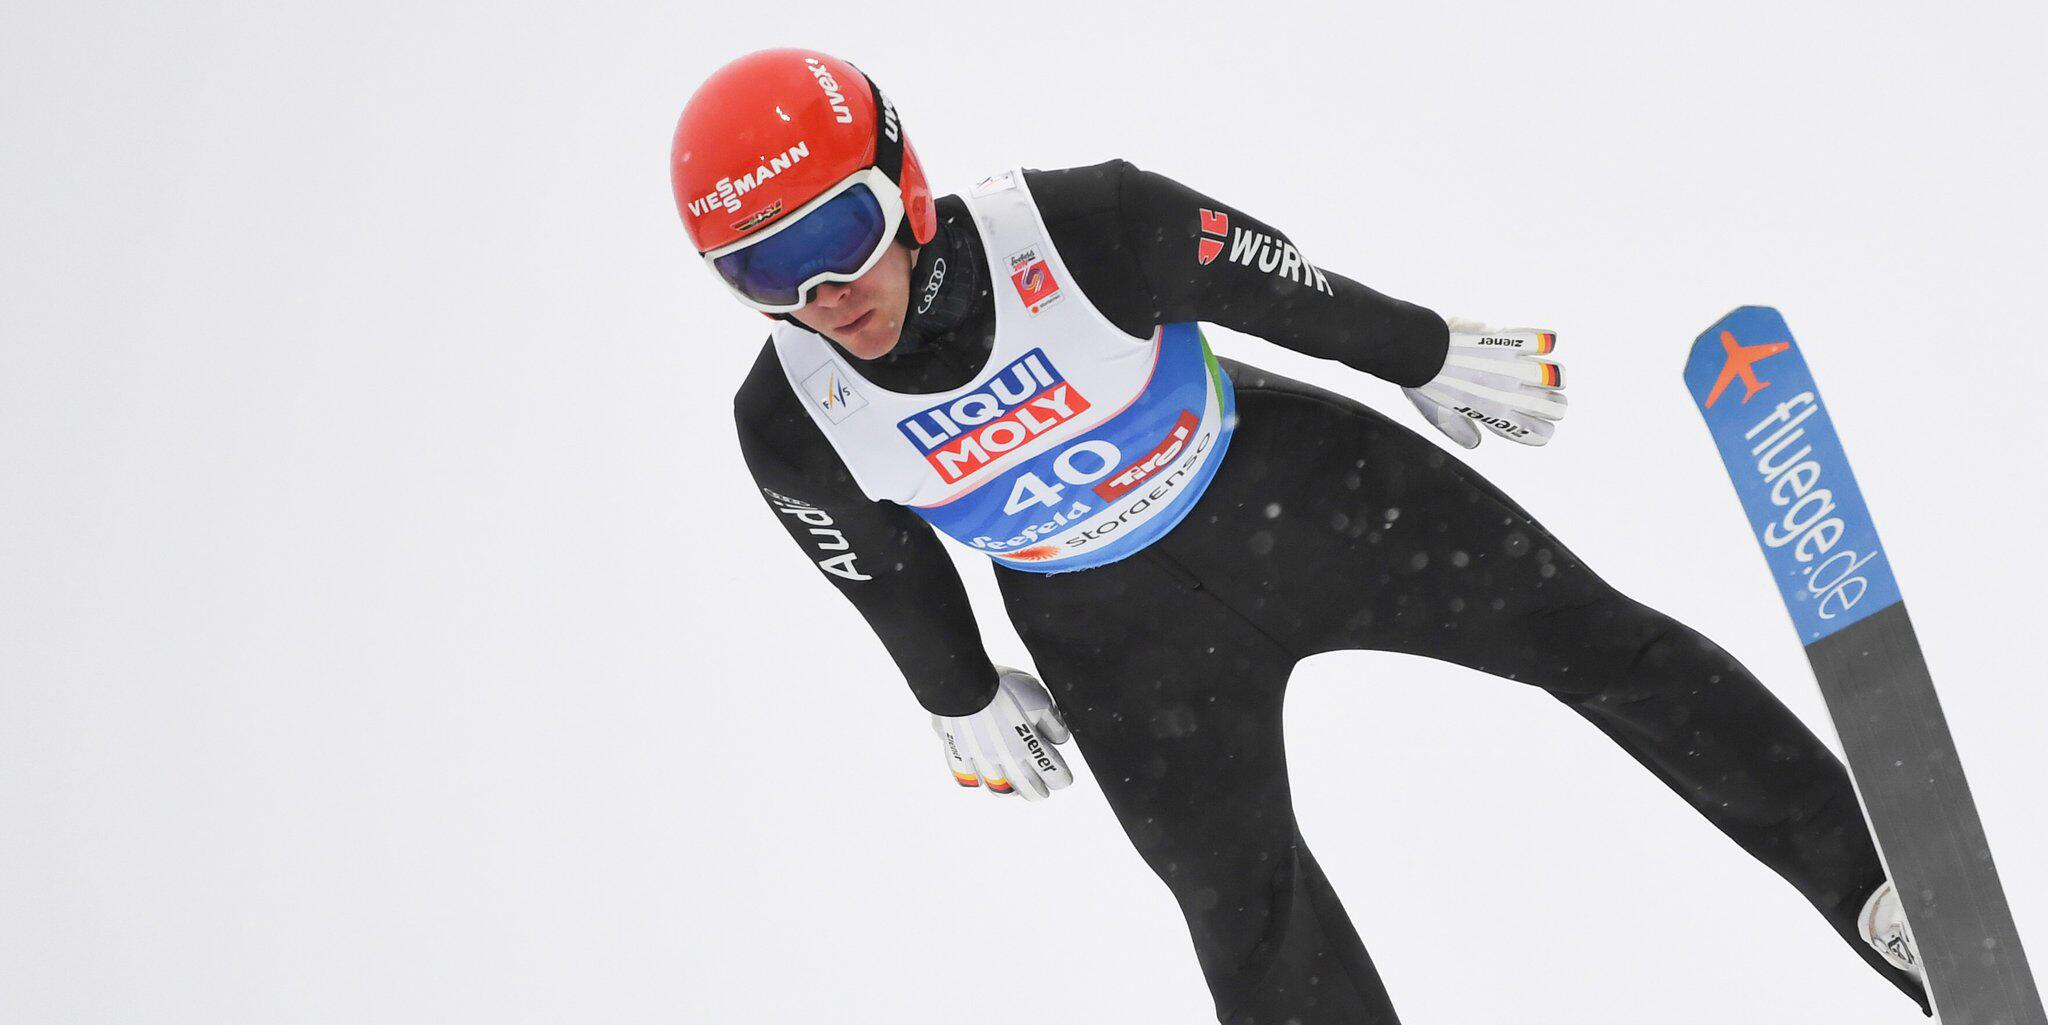 Bild zu Nordische Ski-WM, Ski-WM, Skispringen, Normalschanze, Stephan Leyhe, Seefeld